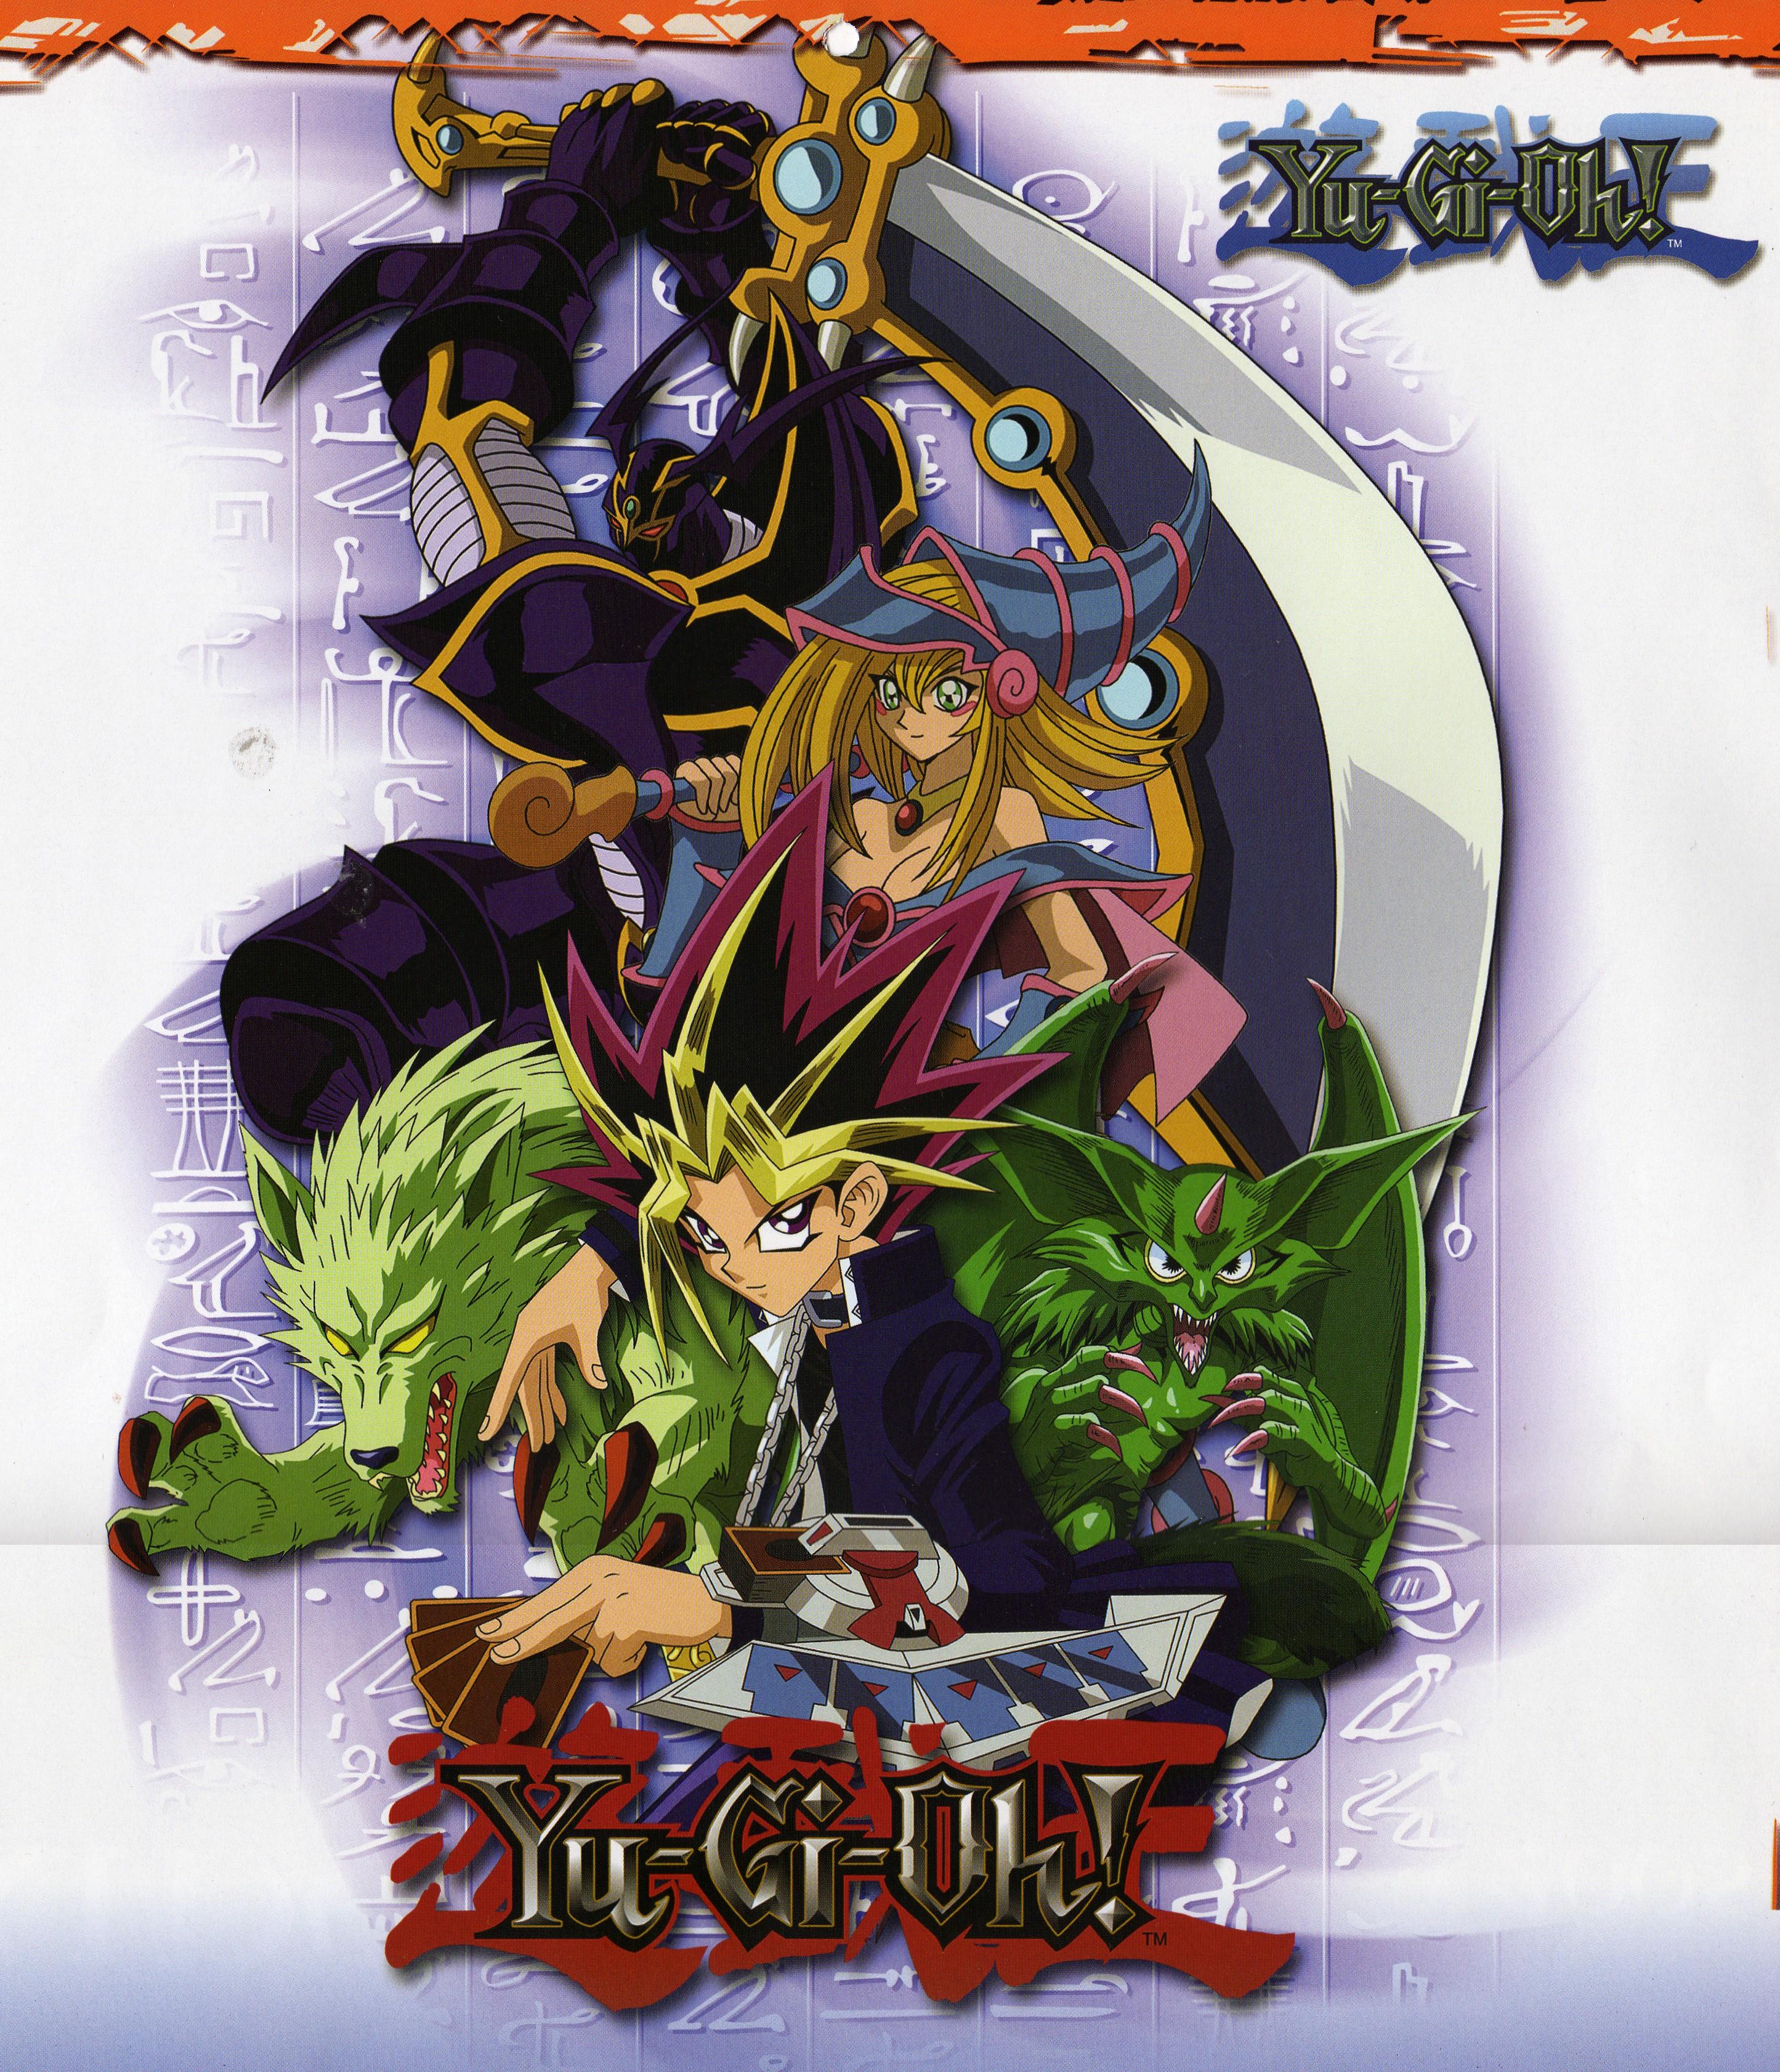 Yu Gi Oh Duel Monsters Yu Gi Oh Image 70588